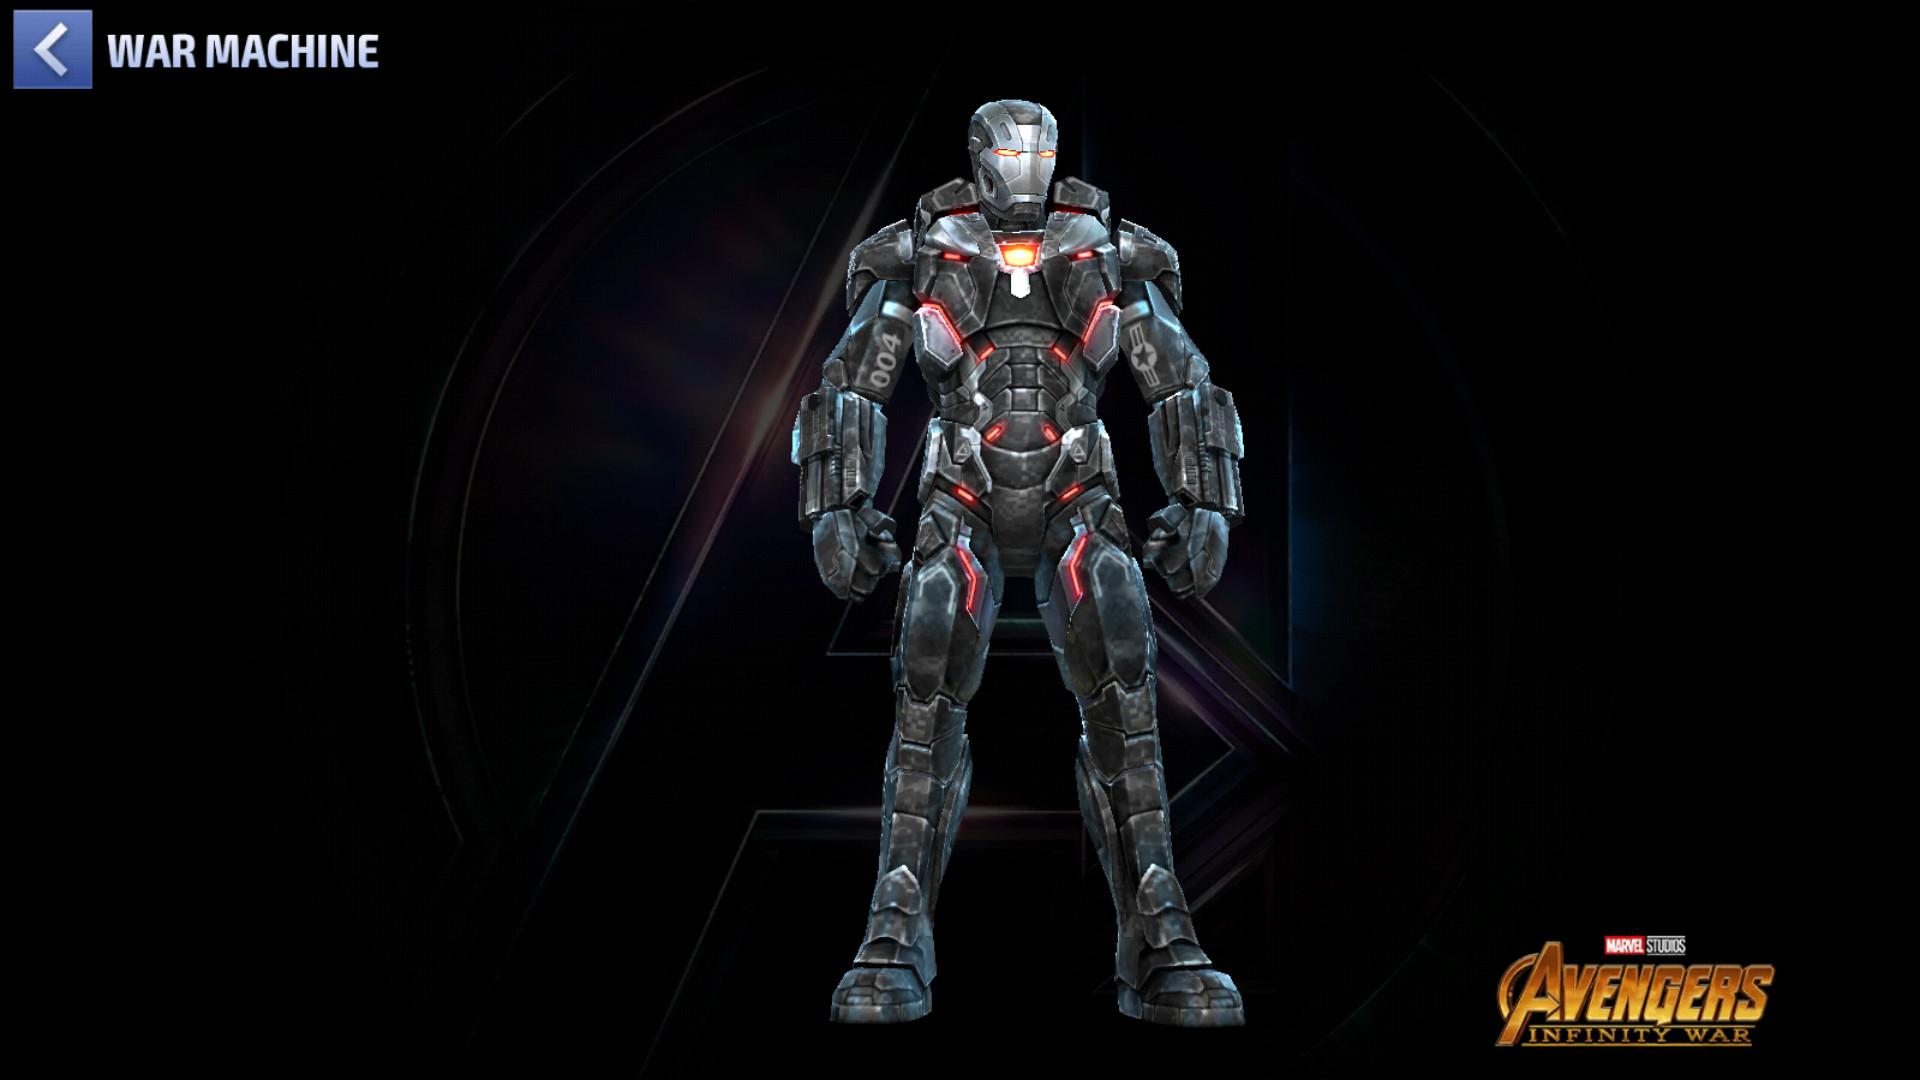 Avec cette armure, War Machine devient largement plus fort